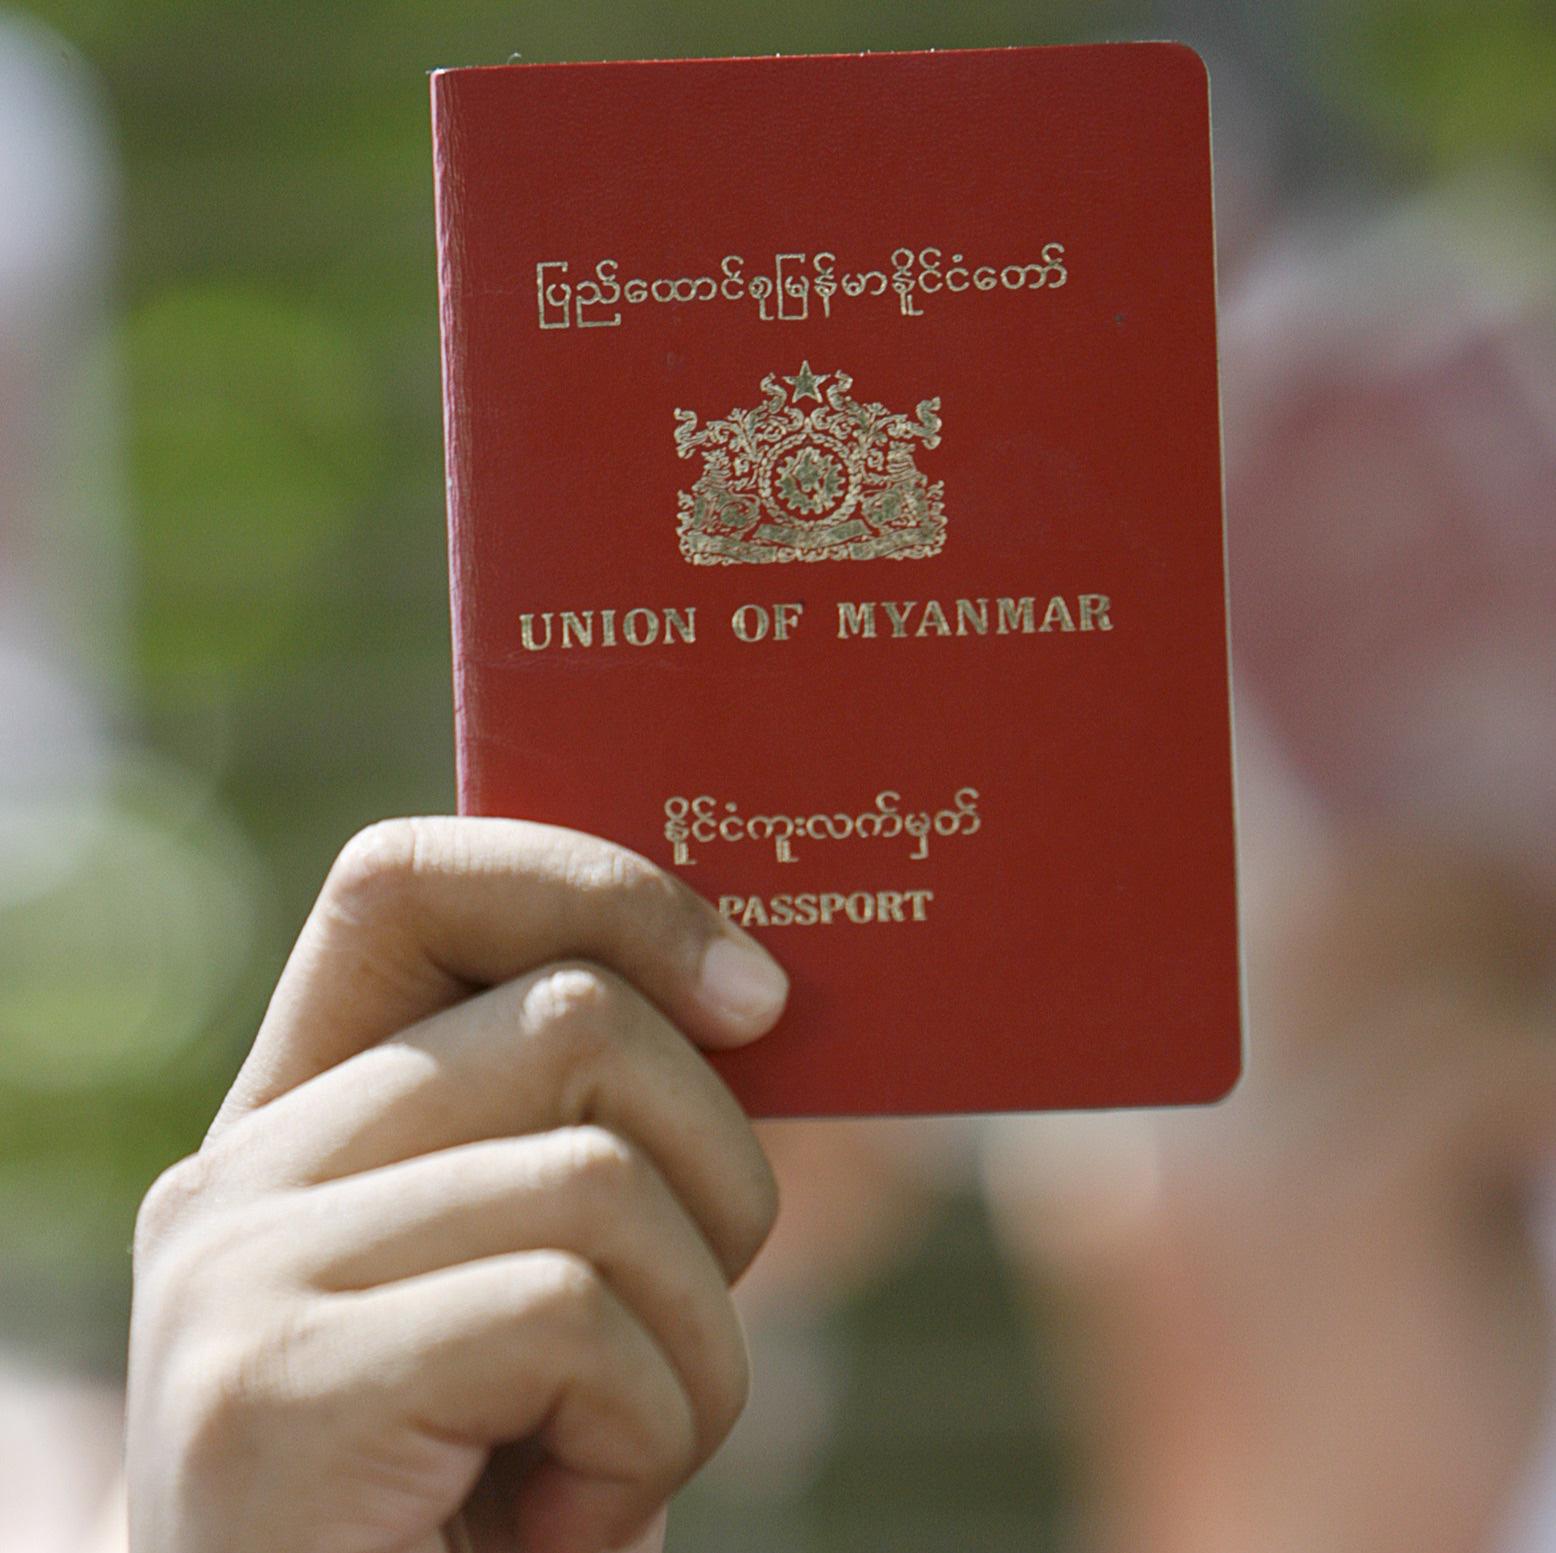 Thông tin về địa chỉ, giờ làm việc của Tổng Lãnh sự quán và Đại sứ quán Myanmar tại Việt Nam (4)